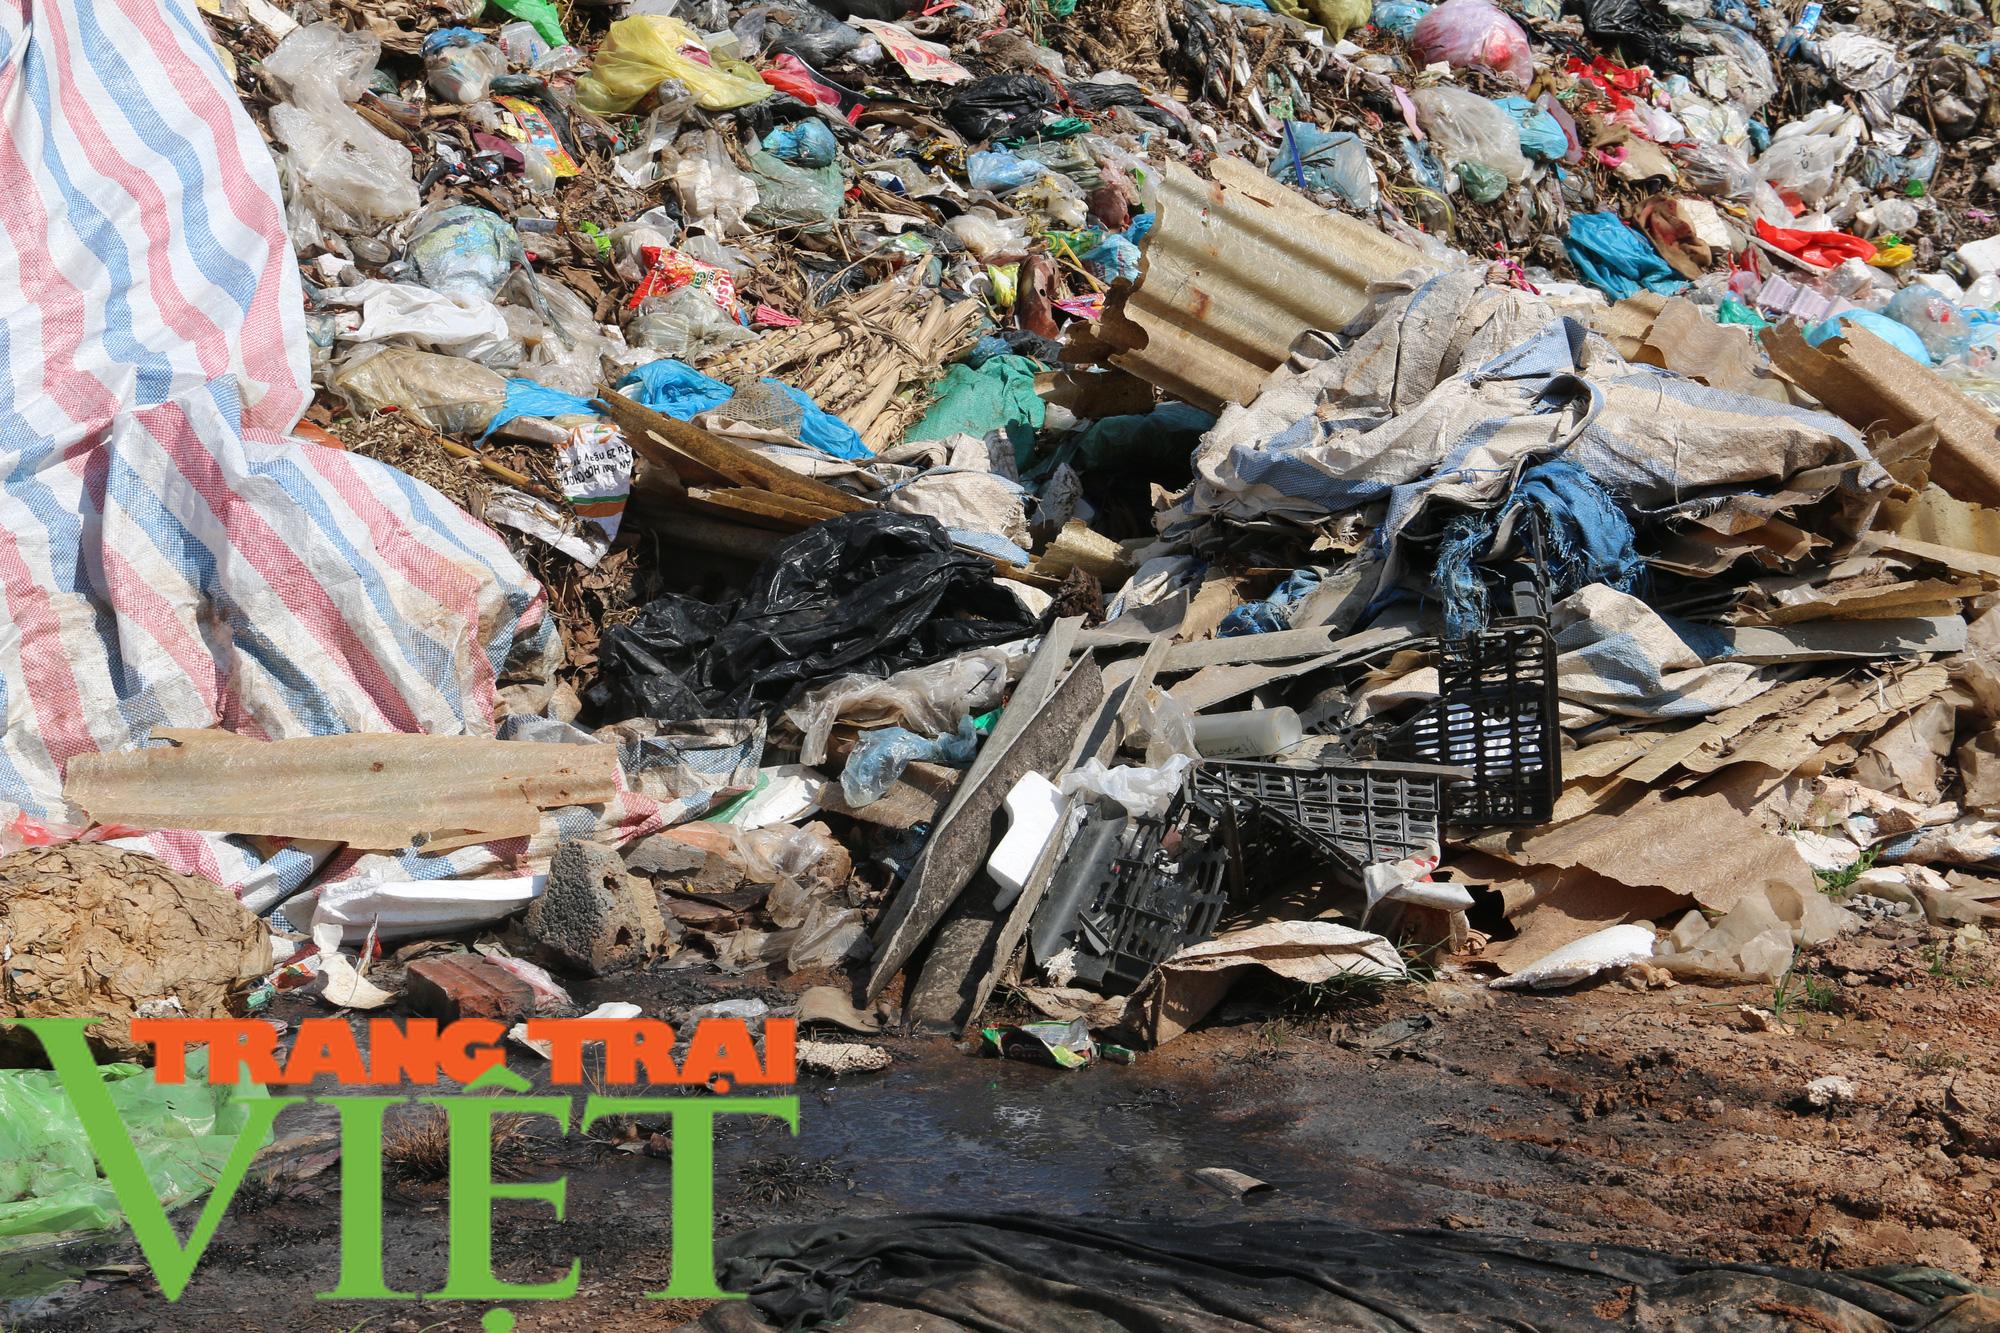 Hoà Bình: Người dân kêu trời vì rác chất đầy gần quảng trường - Ảnh 3.